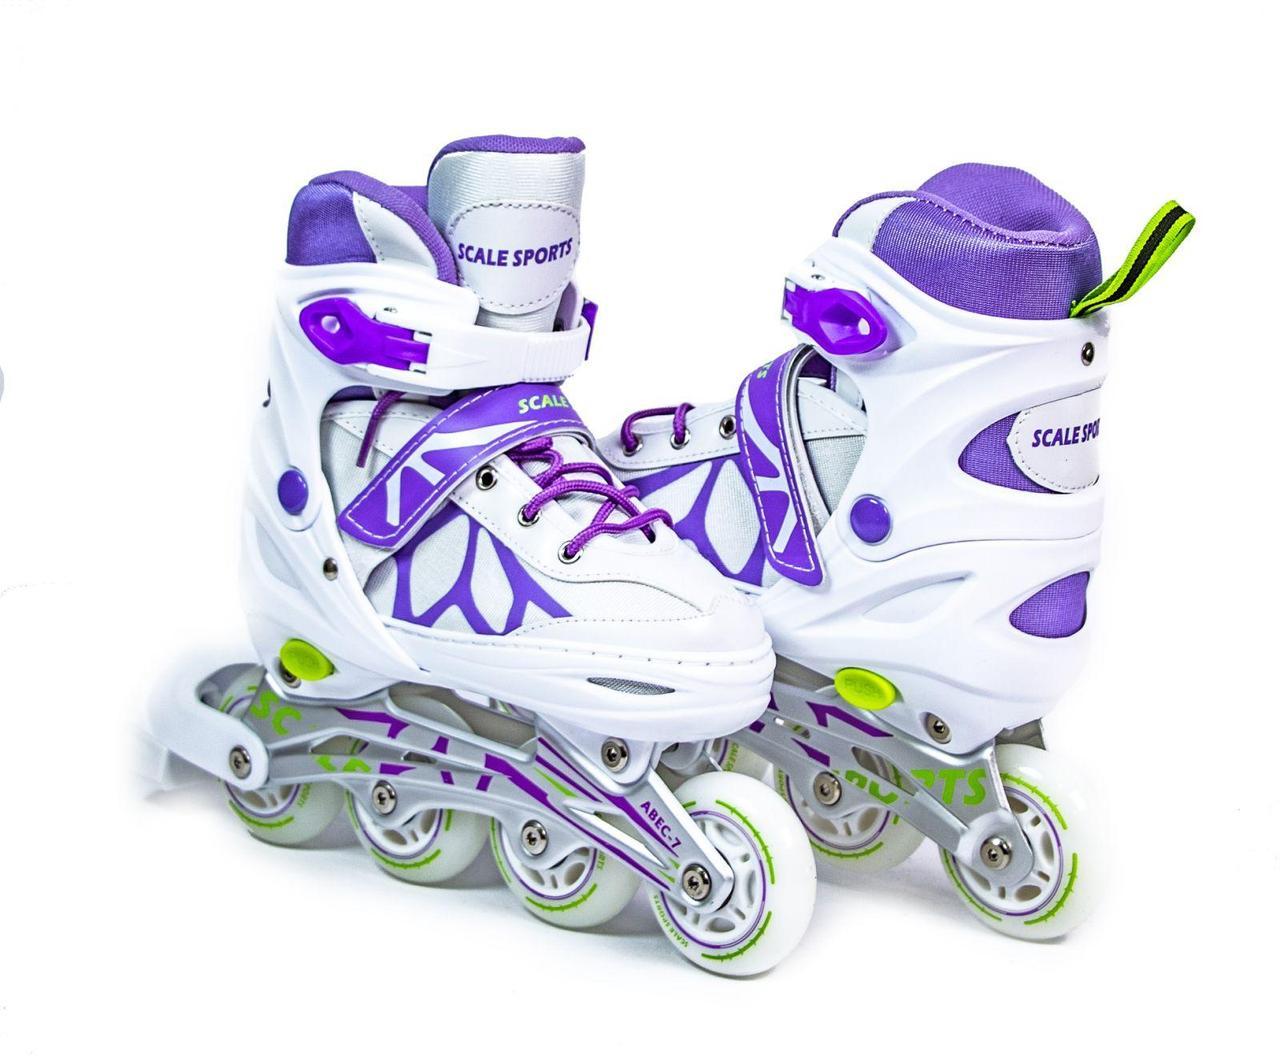 Ролики раздвижные Scale Sports (LF 601A) размер 38-41 Бело-фиолетовые - Роликовые коньки и лыжероллеры